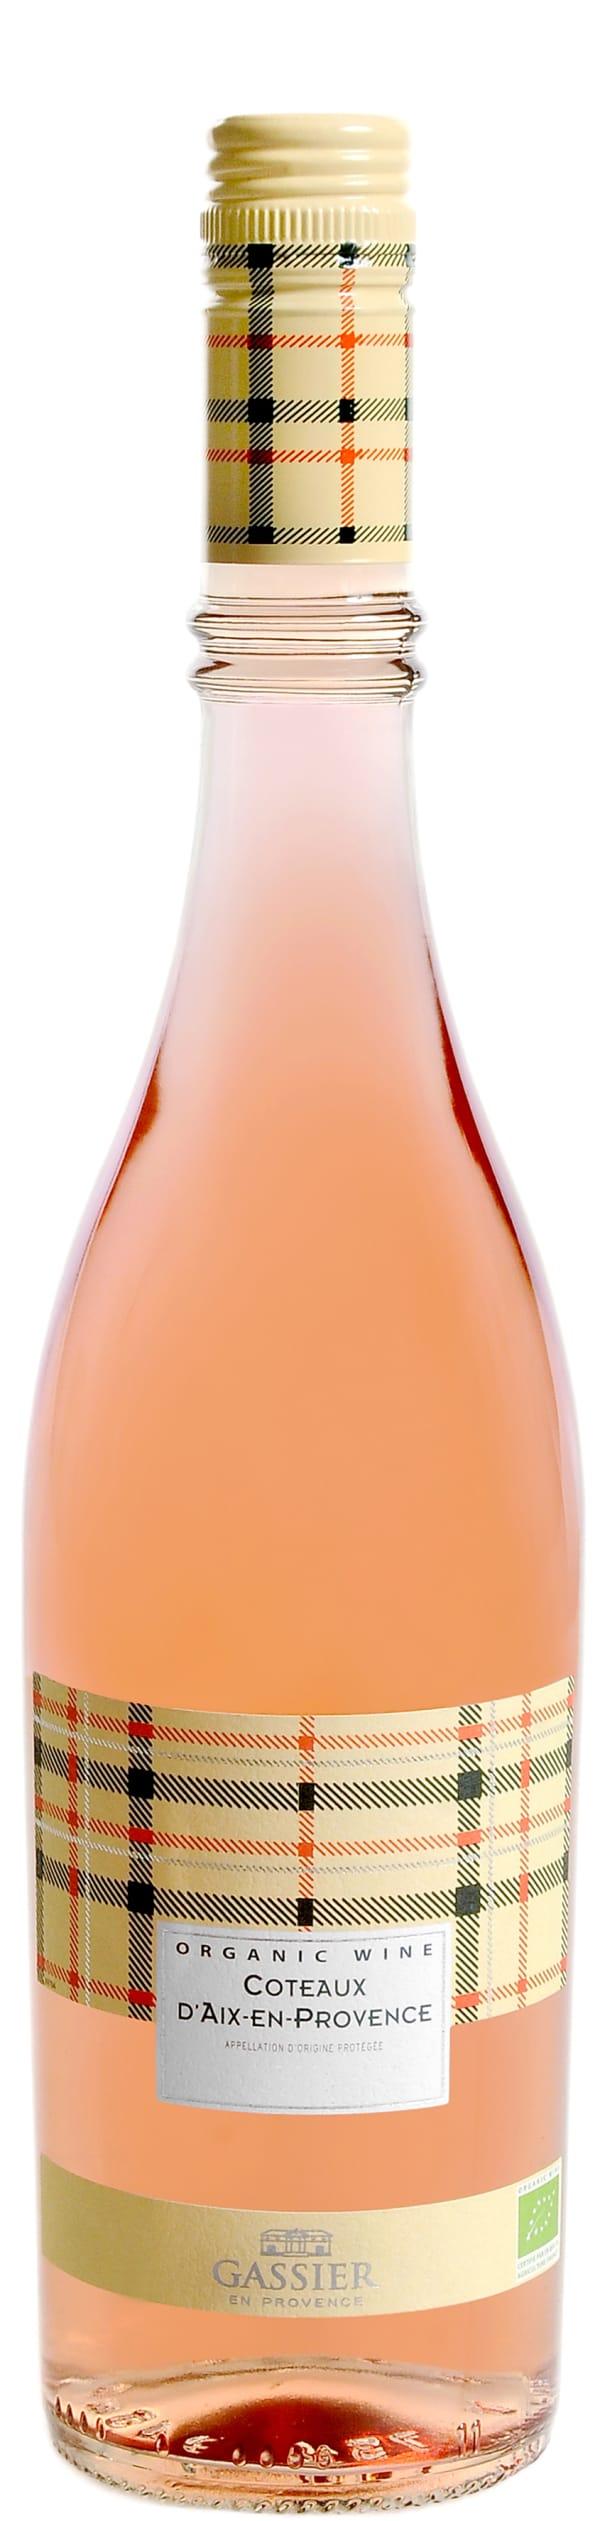 Gassier Coteaux d'Aix-en-Provence Organic 2020